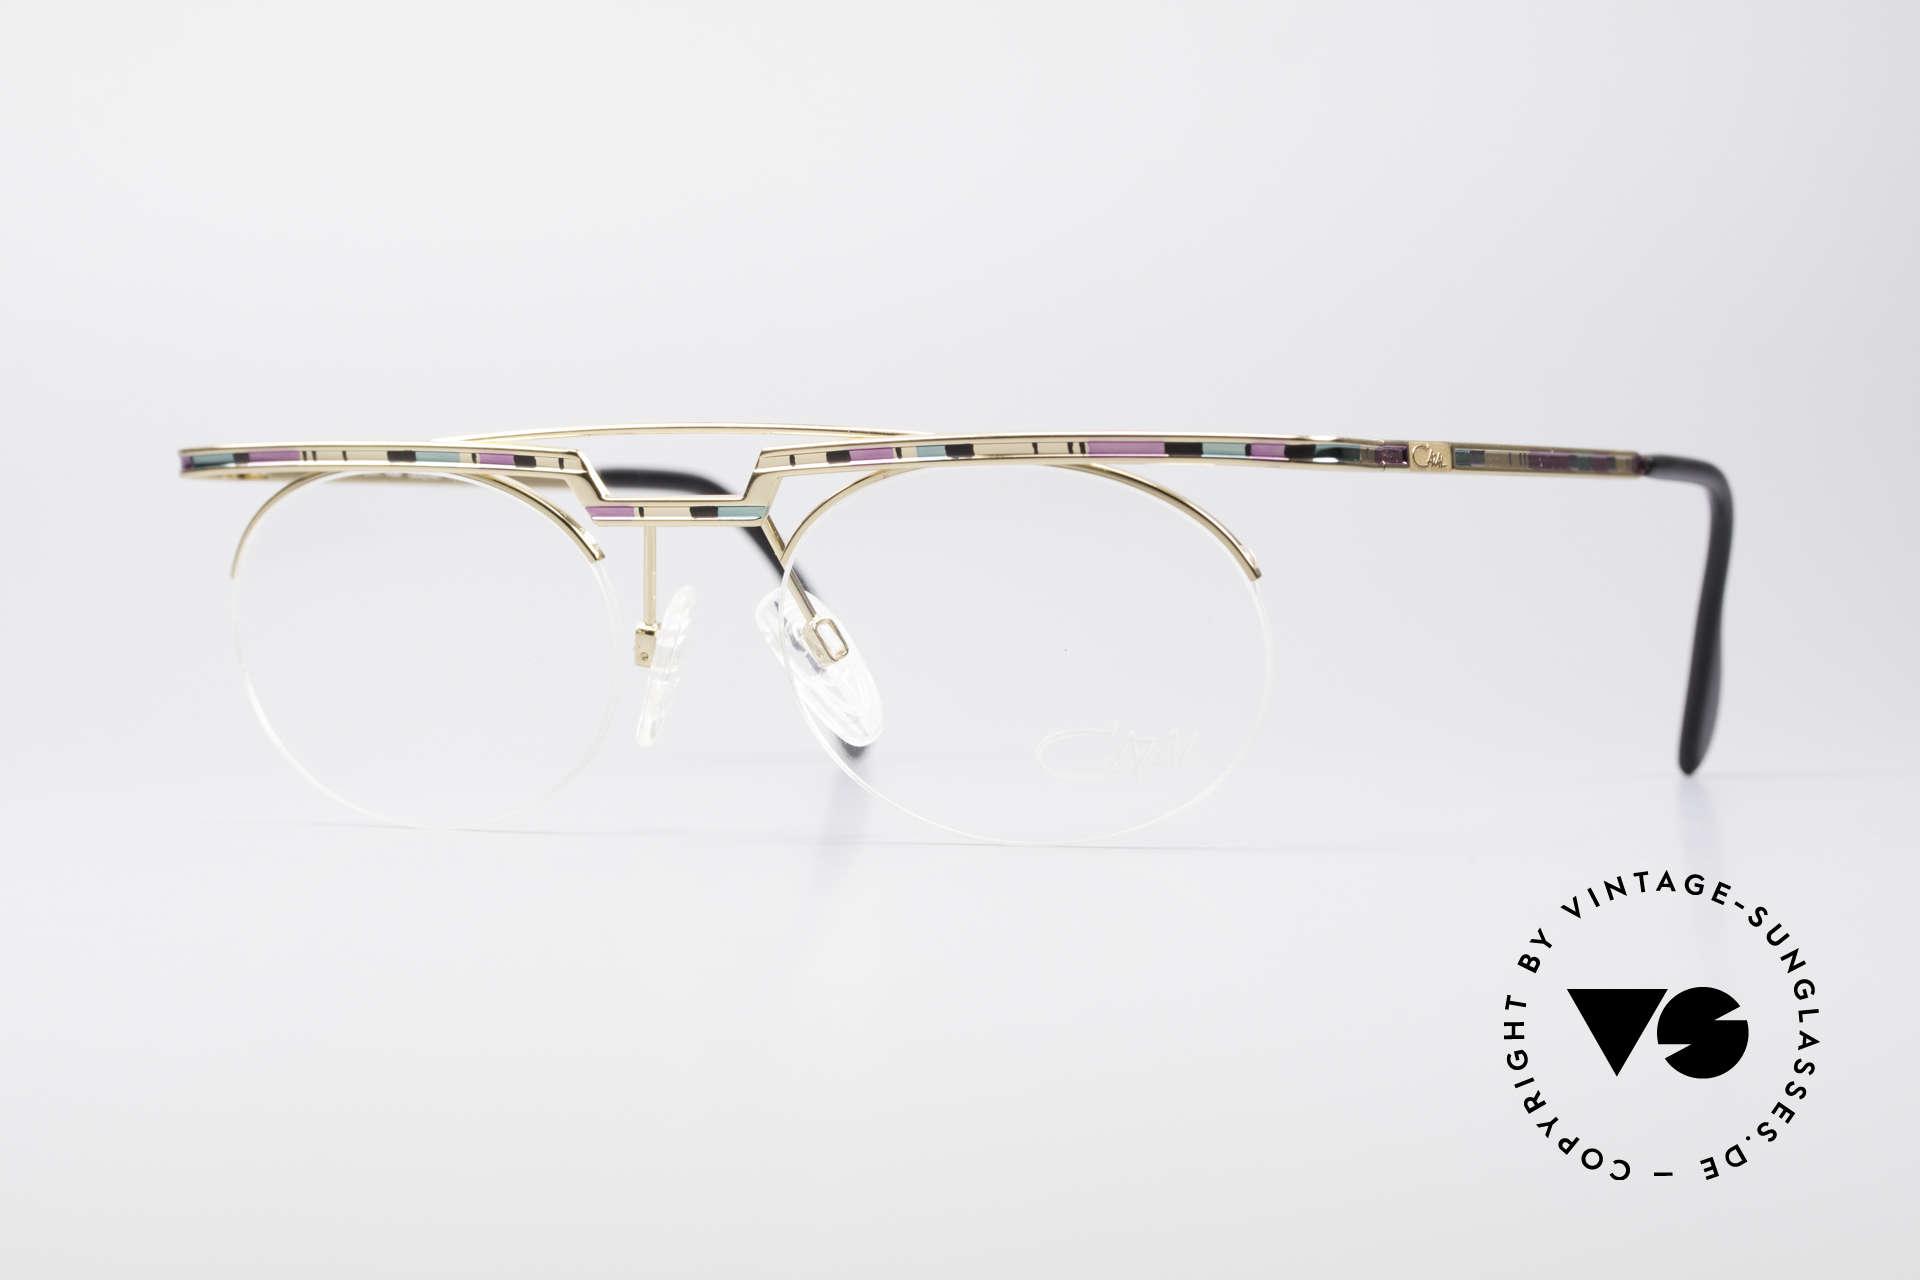 Cazal 758 Original Brille No Retrobrille, interessantes CAZAL vintage Brillengestell von 1997, Passend für Herren und Damen